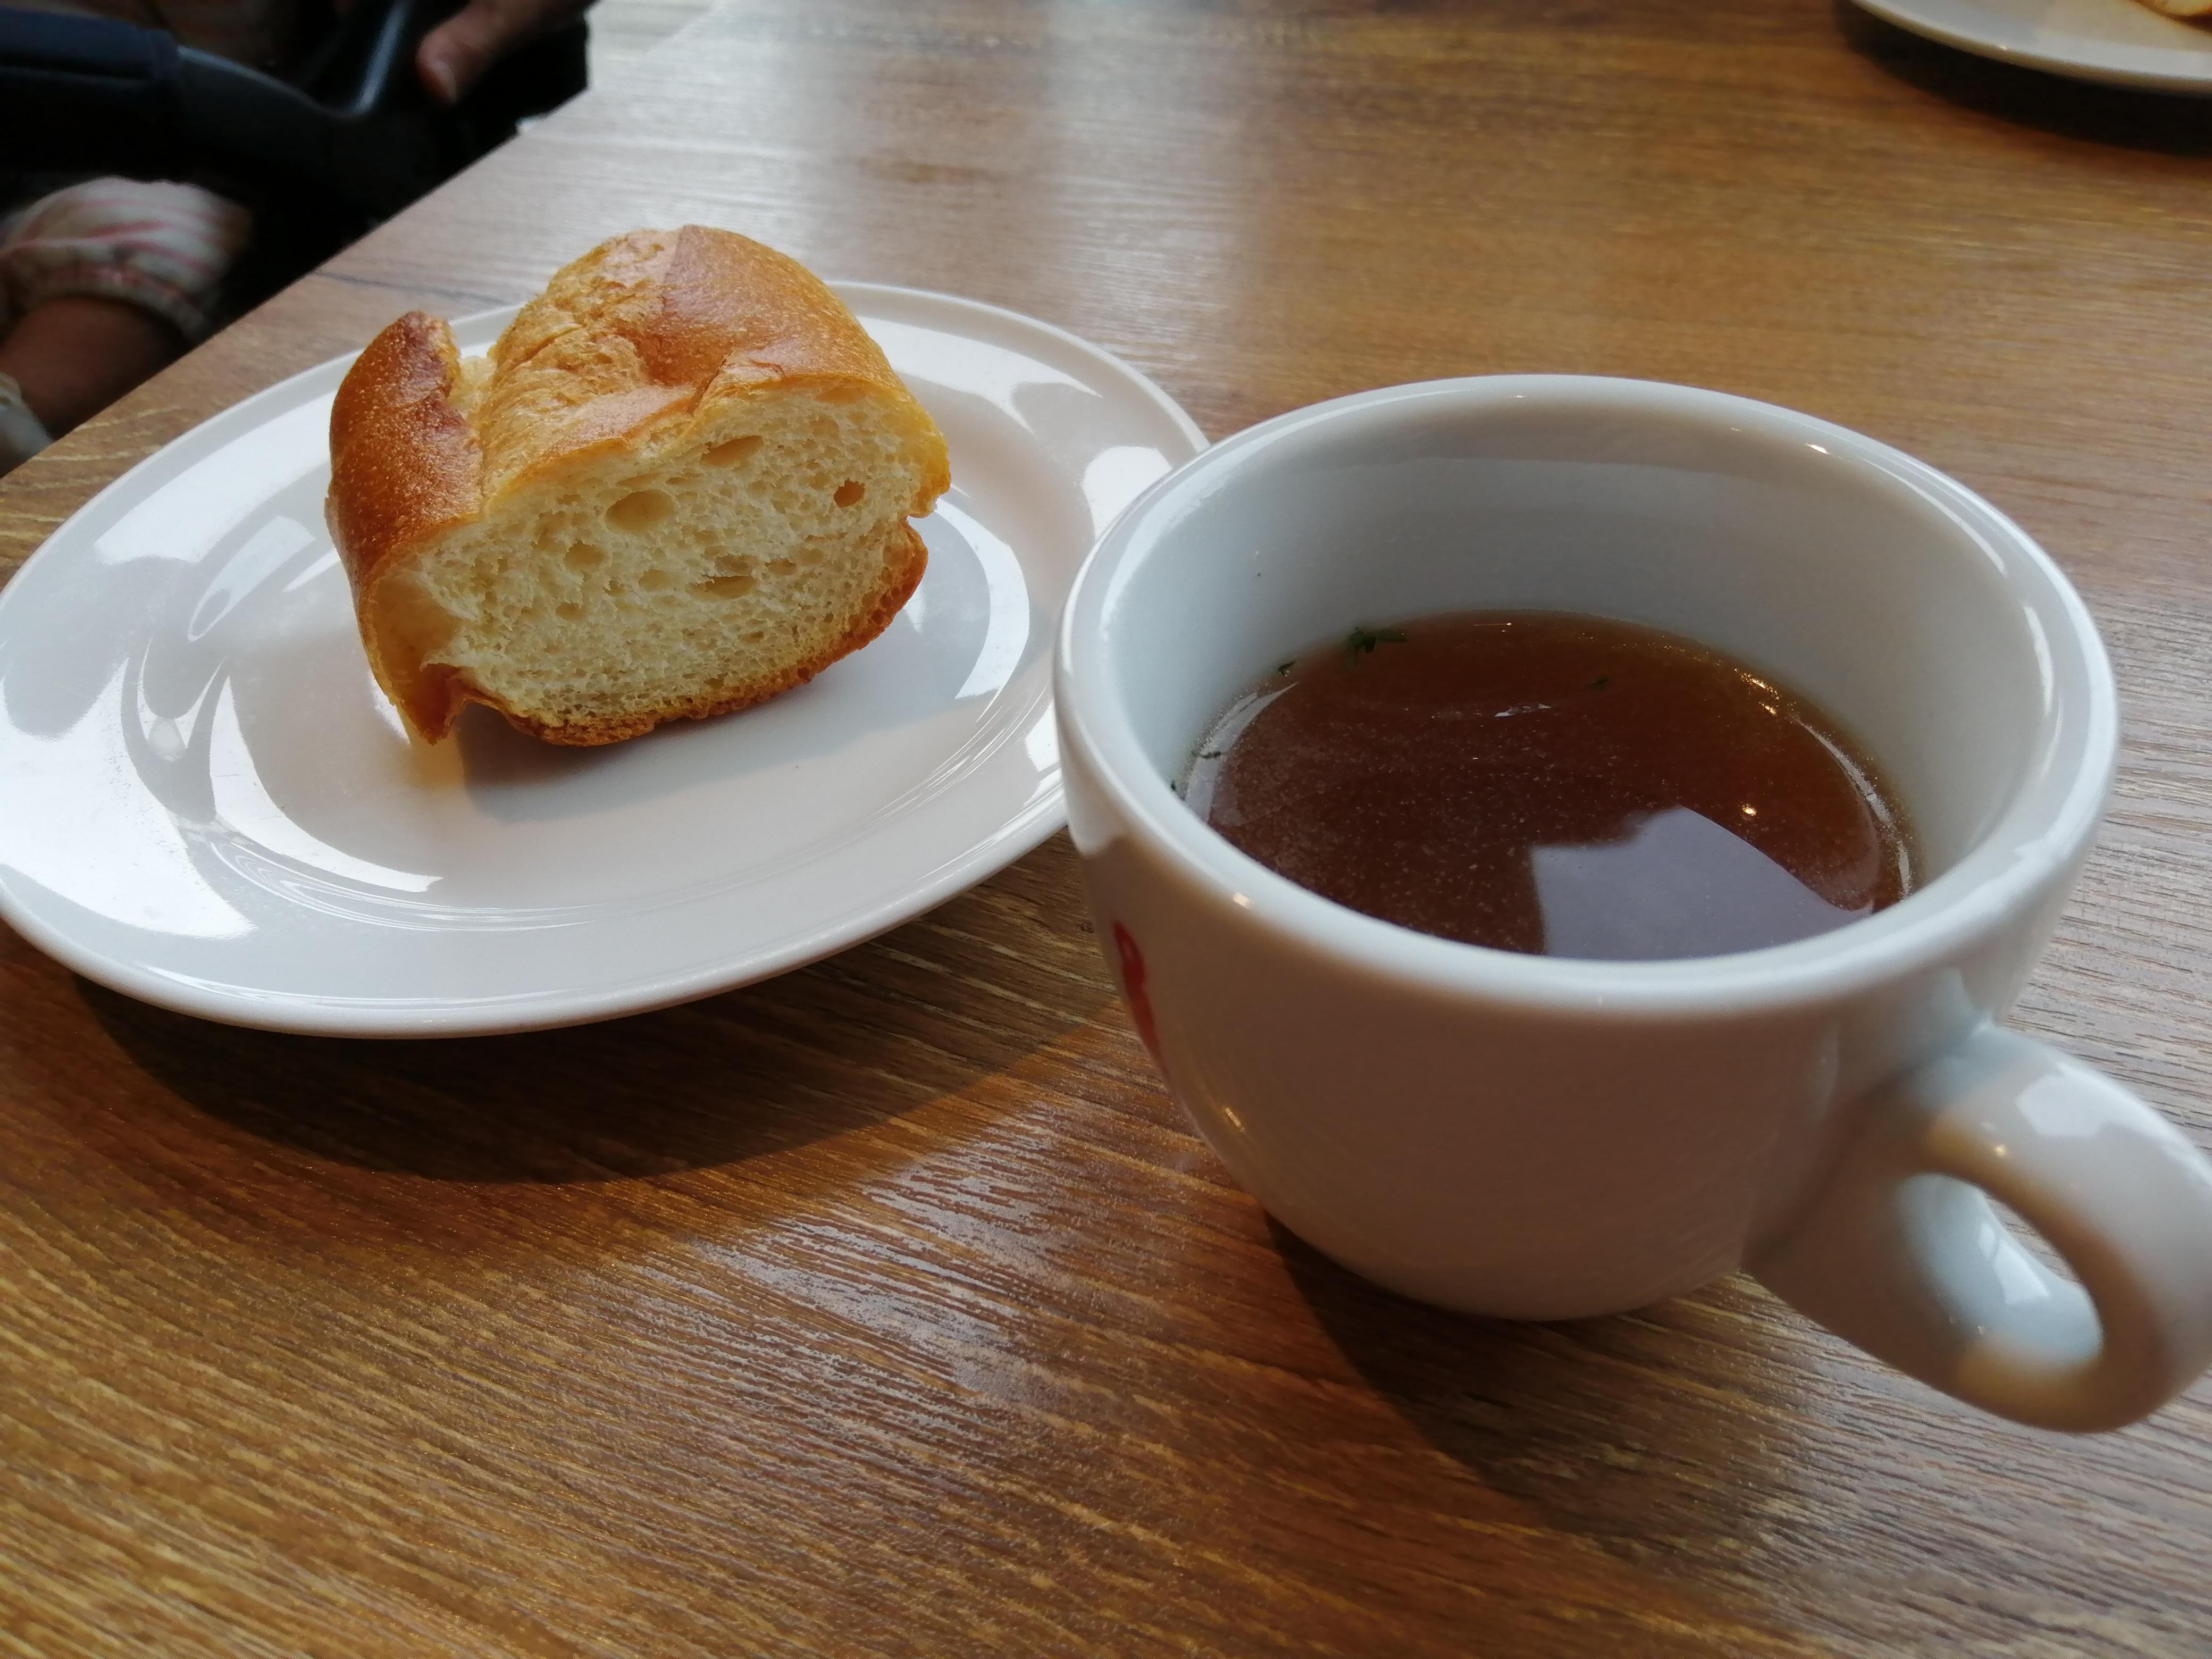 VIOROのカフェ「hus(ヒュース)」のパン&スープ